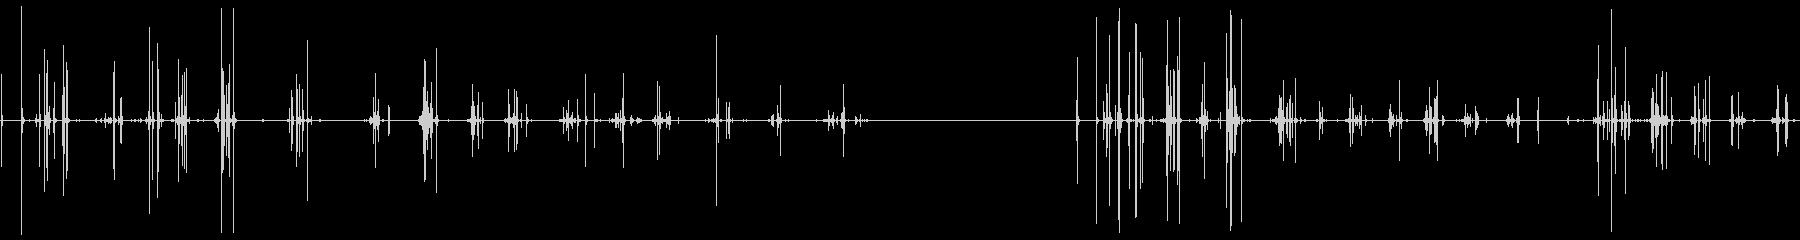 カートン、チューイング、2バージョ...の未再生の波形